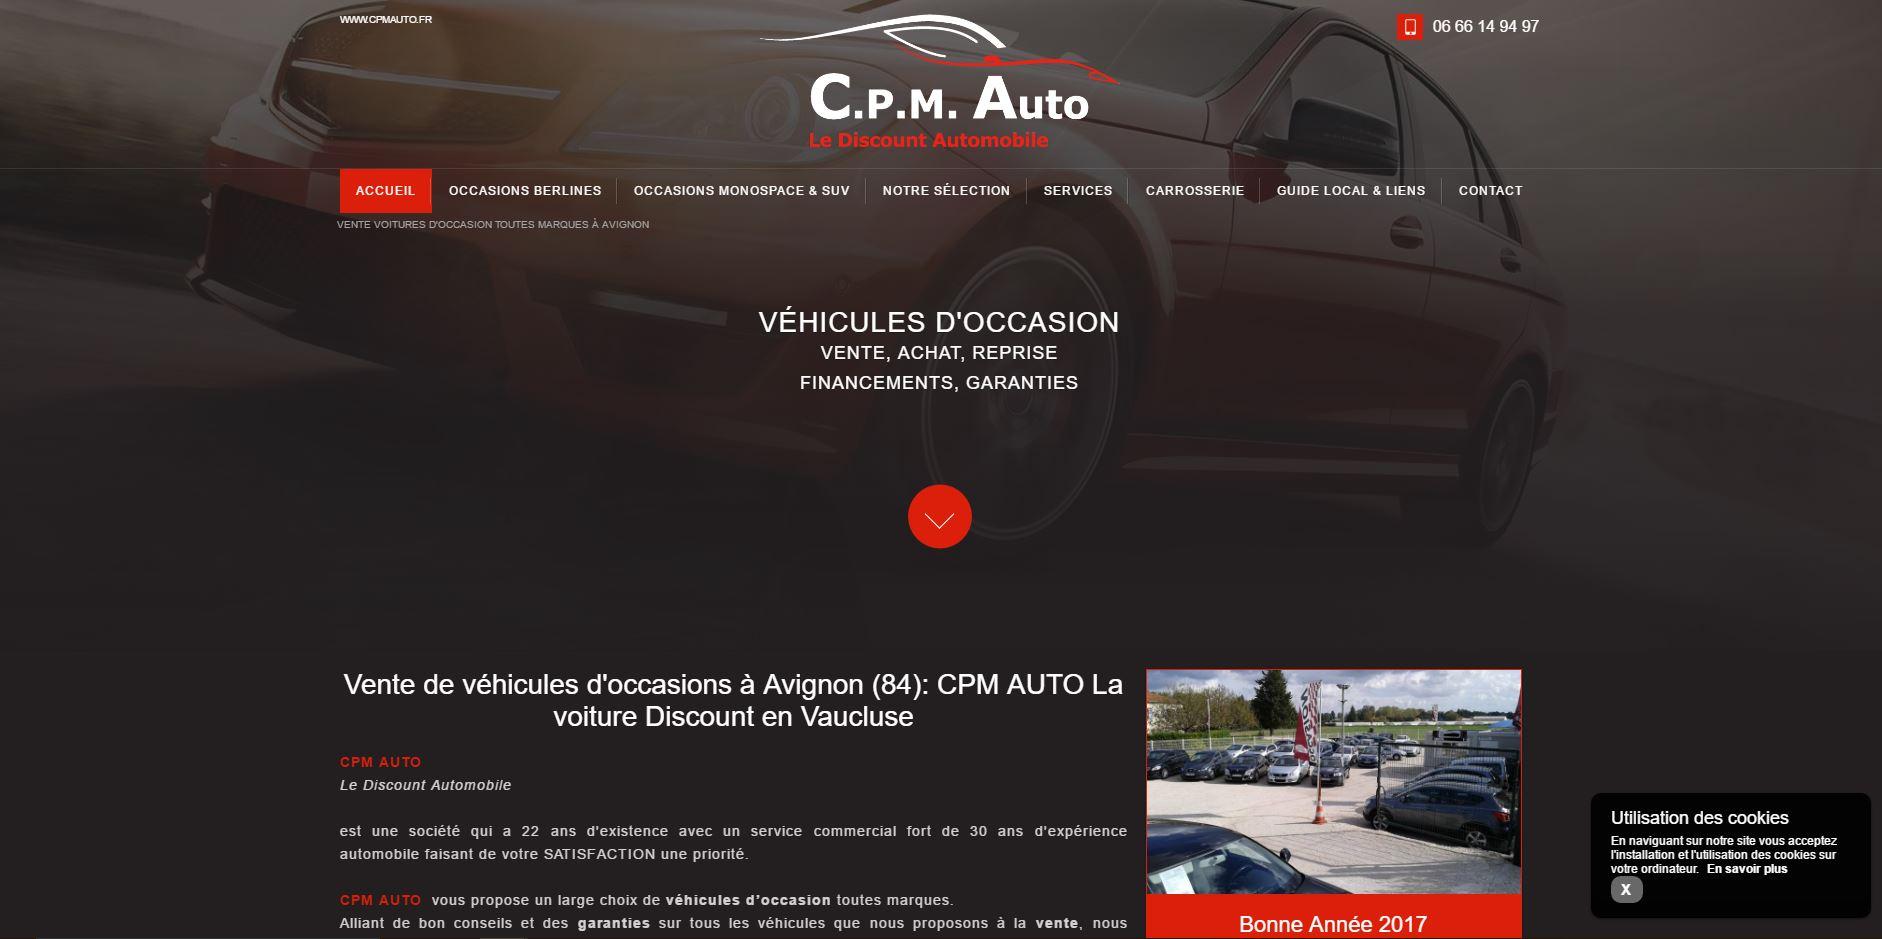 Achat voiture occasion Avignon